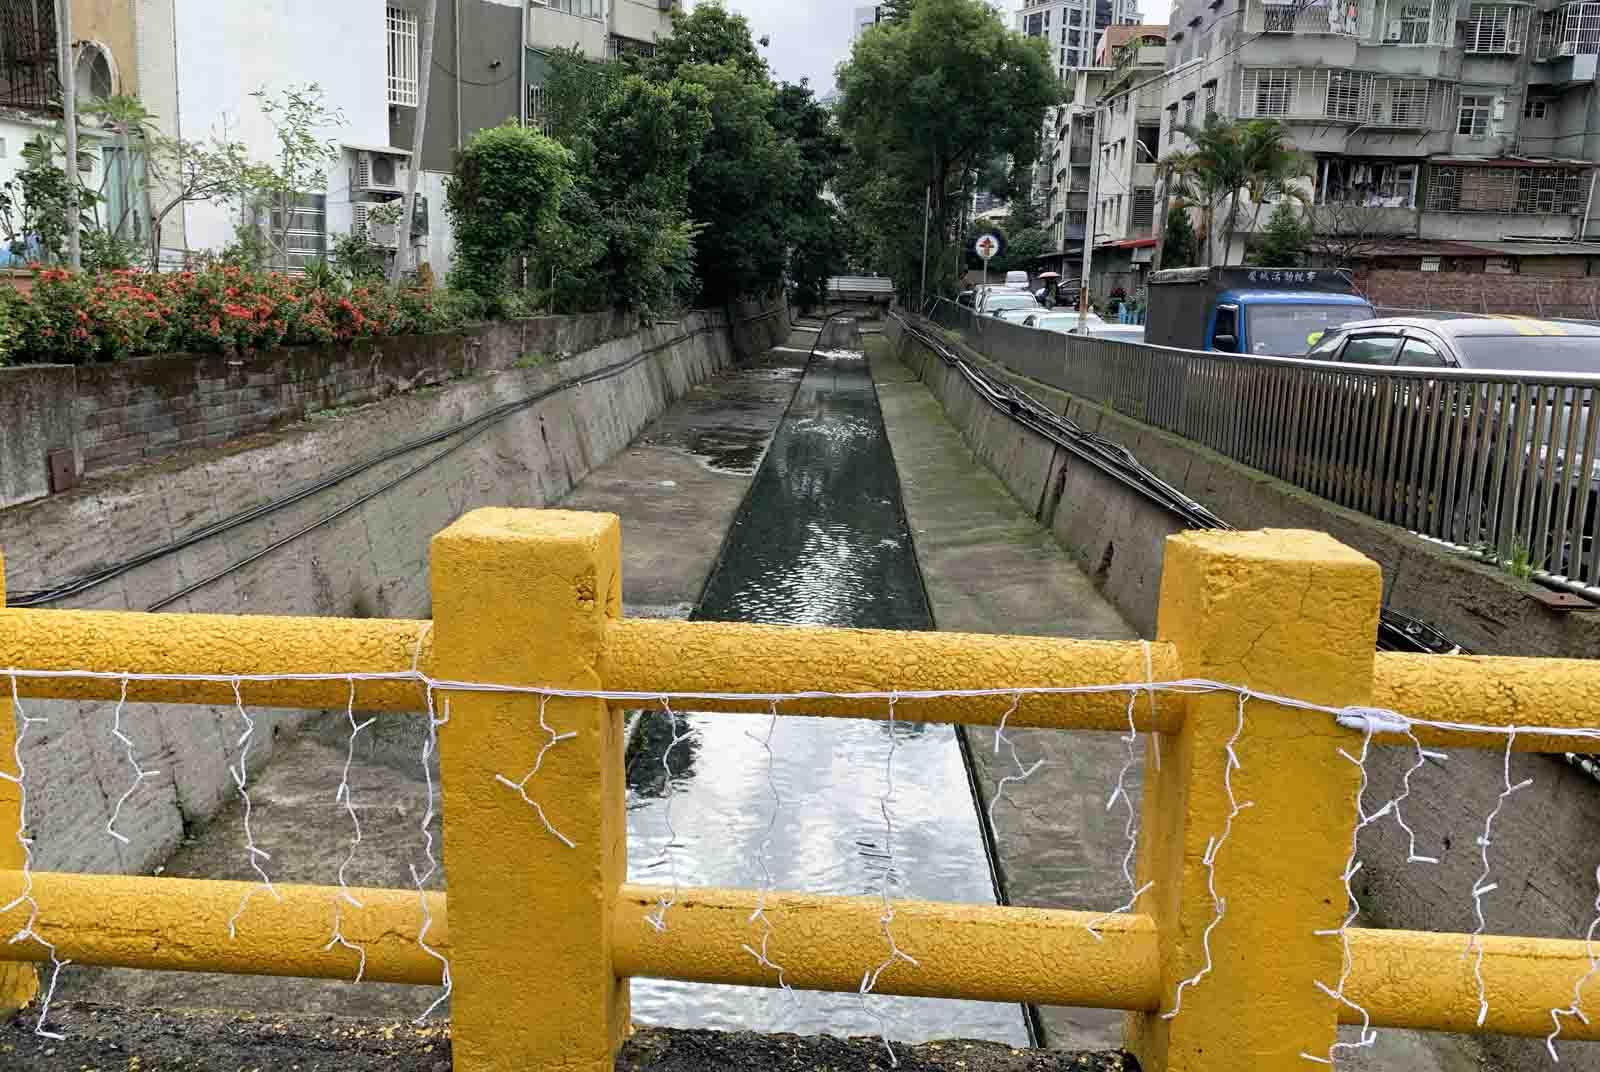 新店 淡水河 防洪 河流 淡水河系河川情勢調查計畫